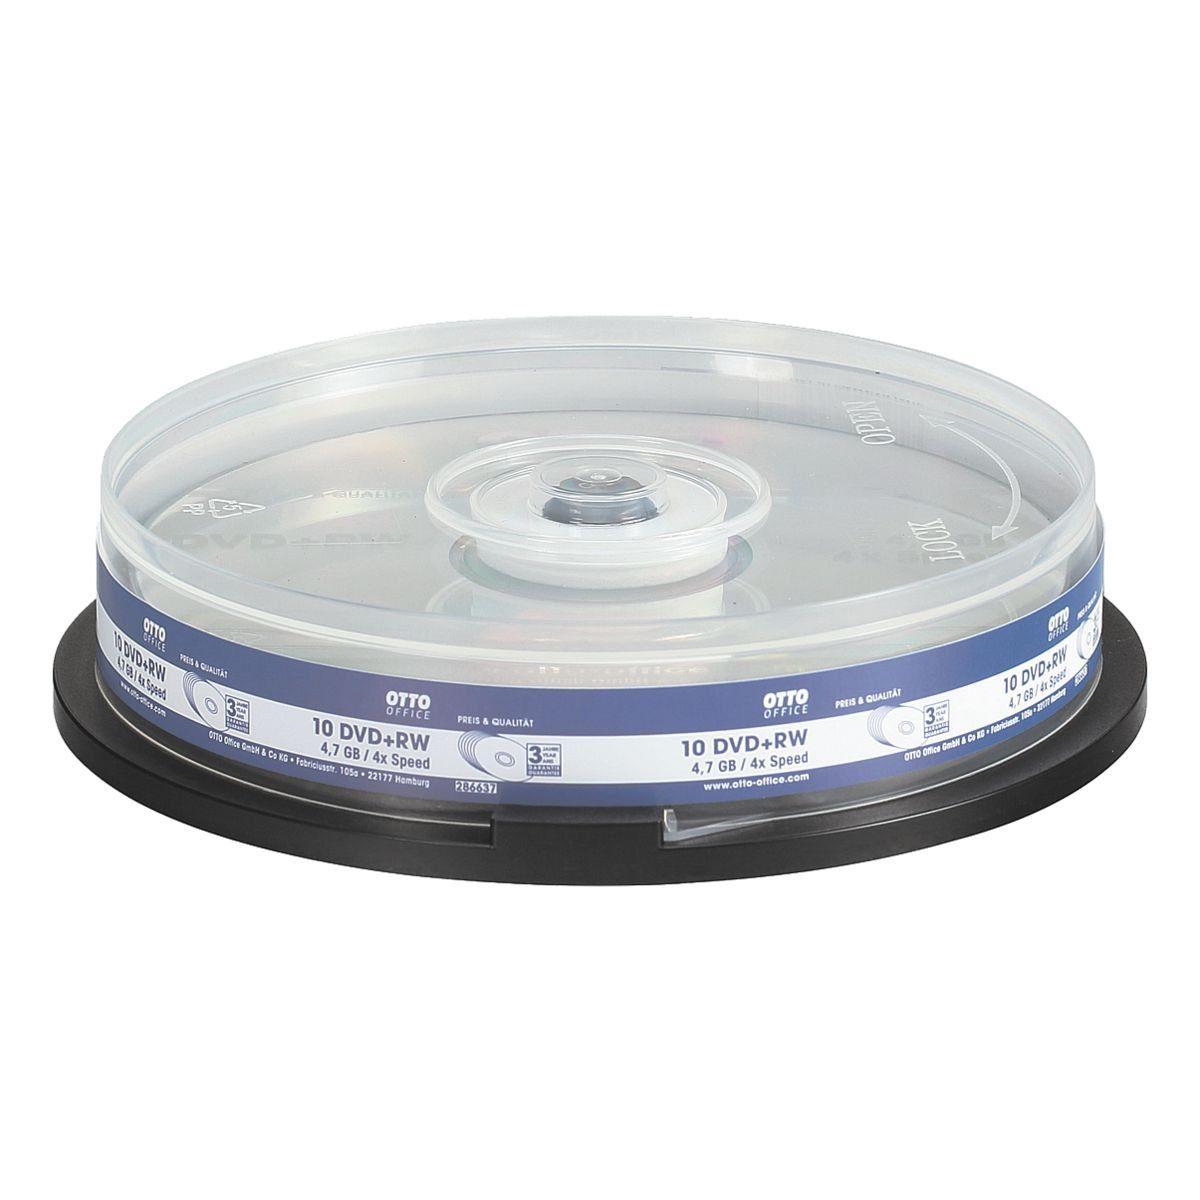 OTTO Office Standard DVD-Rohlinge , 10er Pack »DVD+RW«